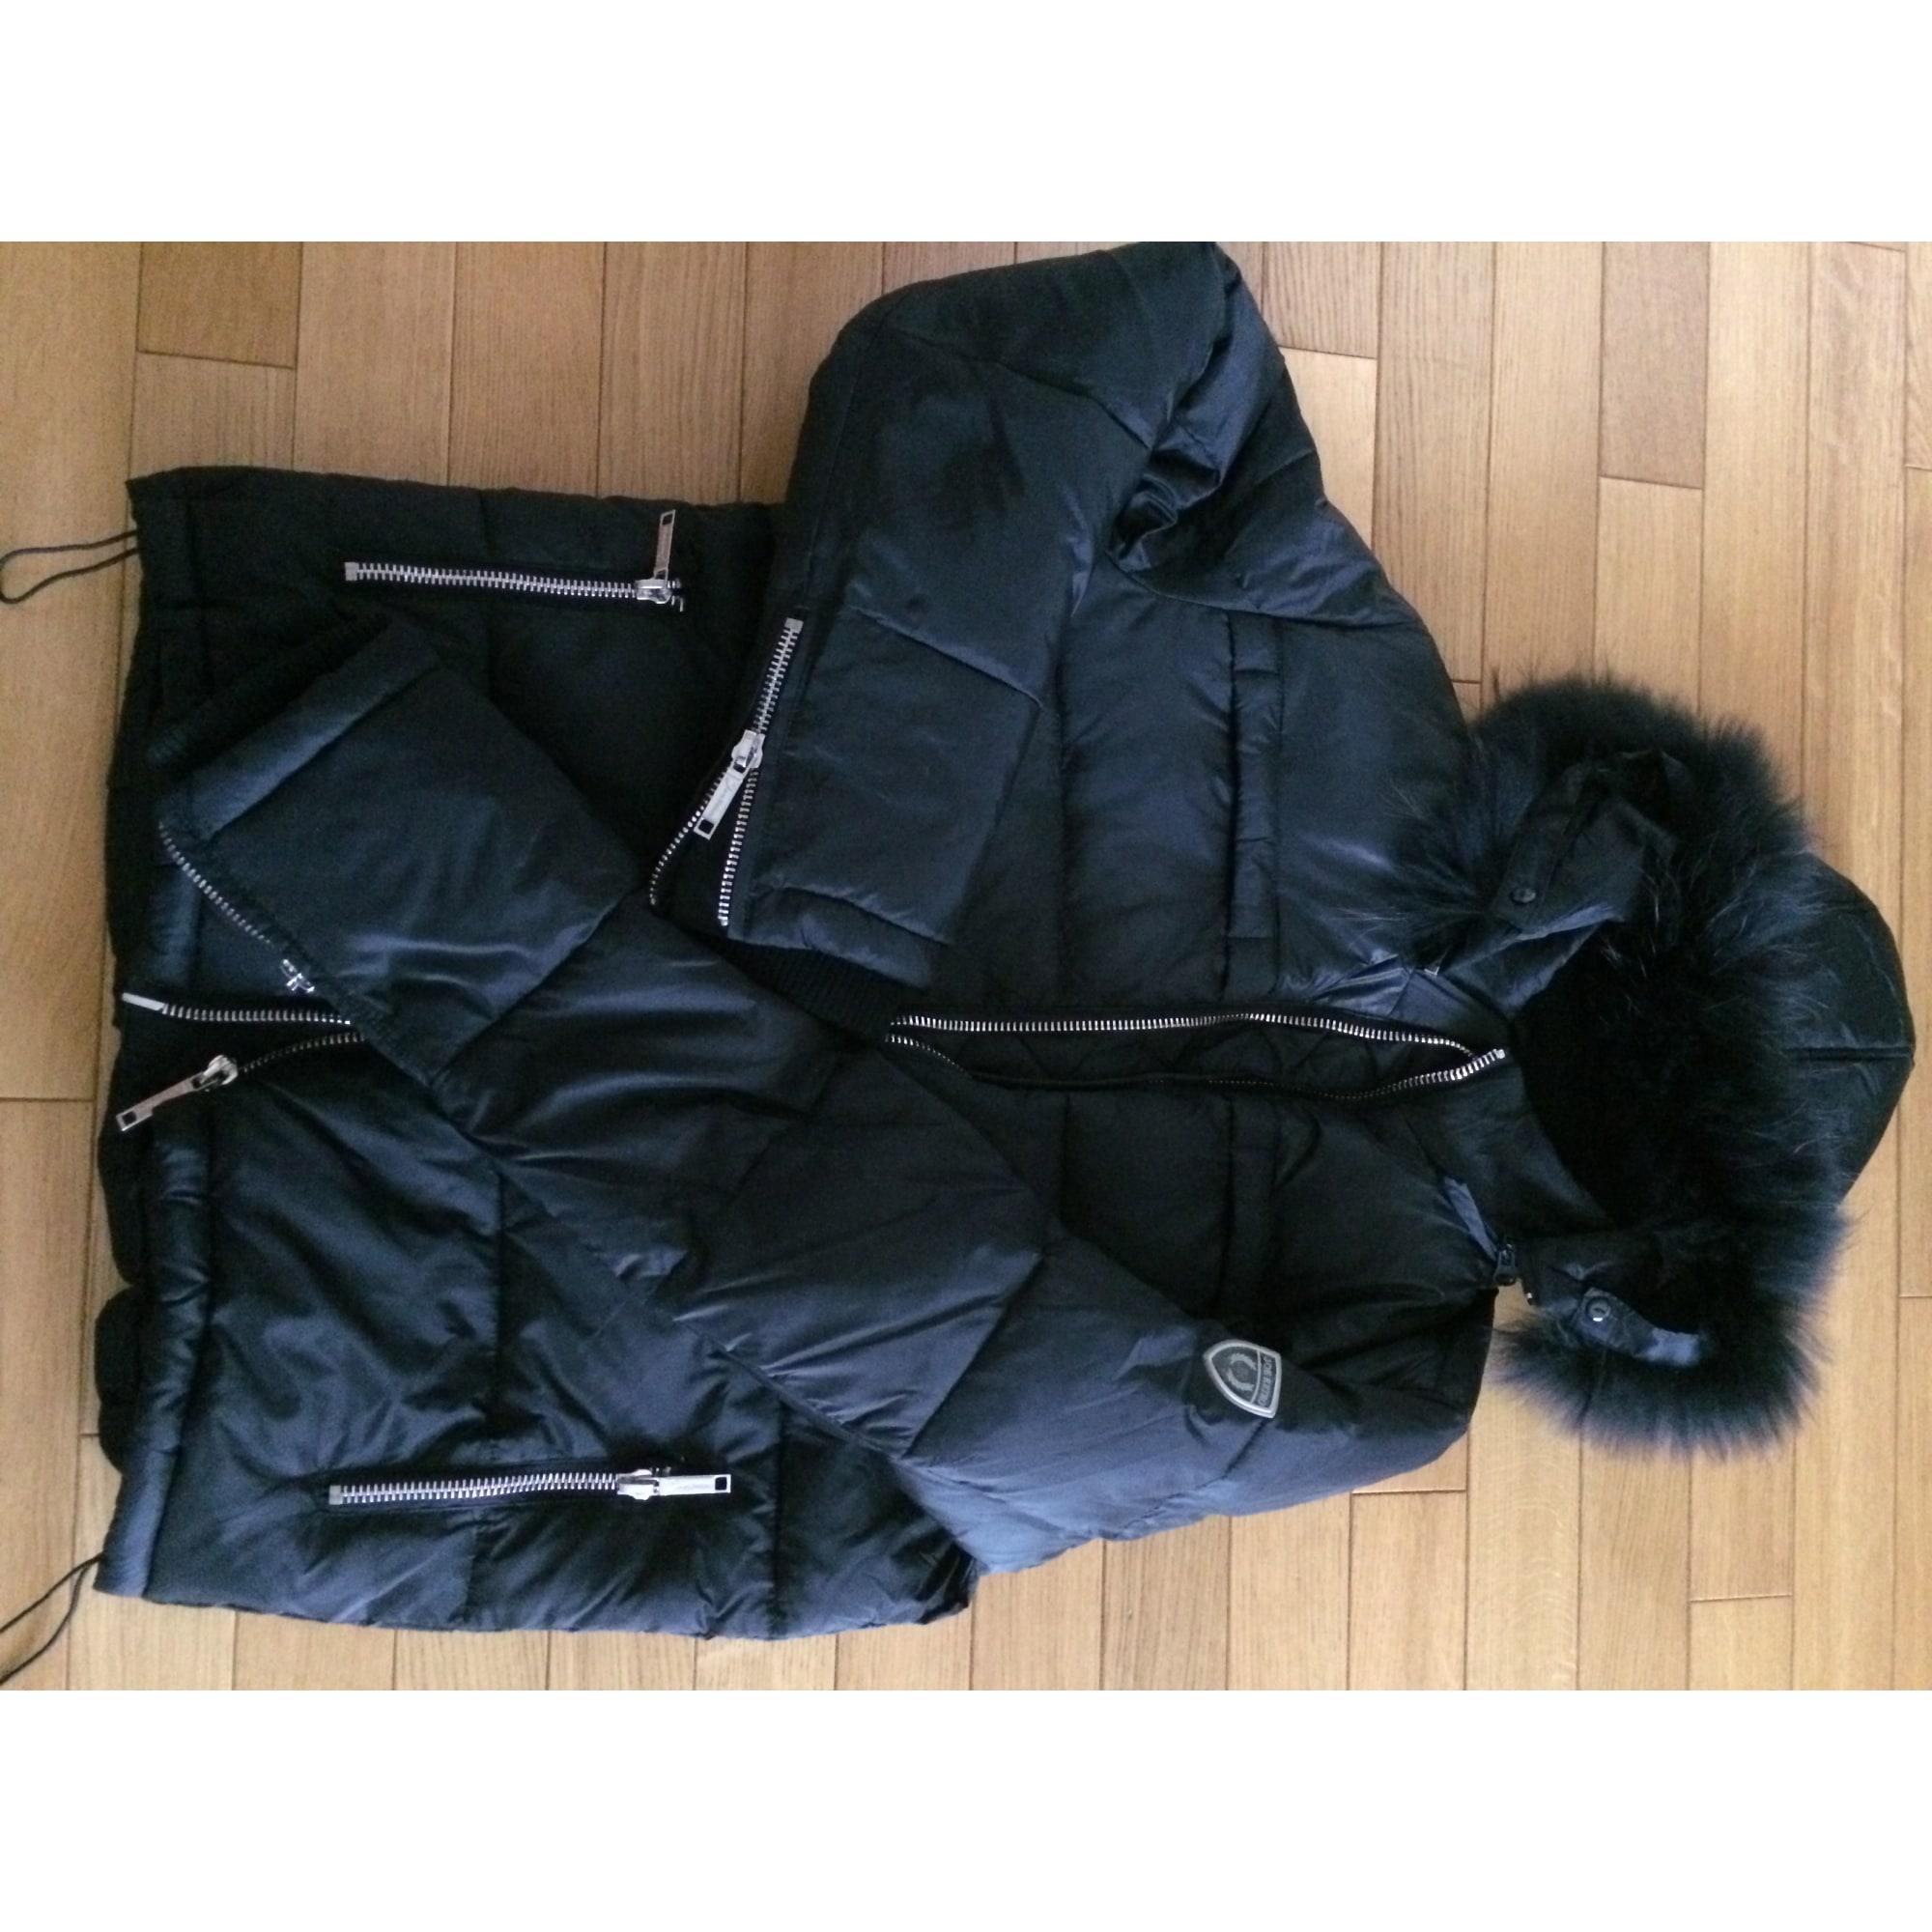 Doudoune JOE RETRO 52 (L) noir vendu par Cédric cpz591133 - 2157424 ca3be2cb2710